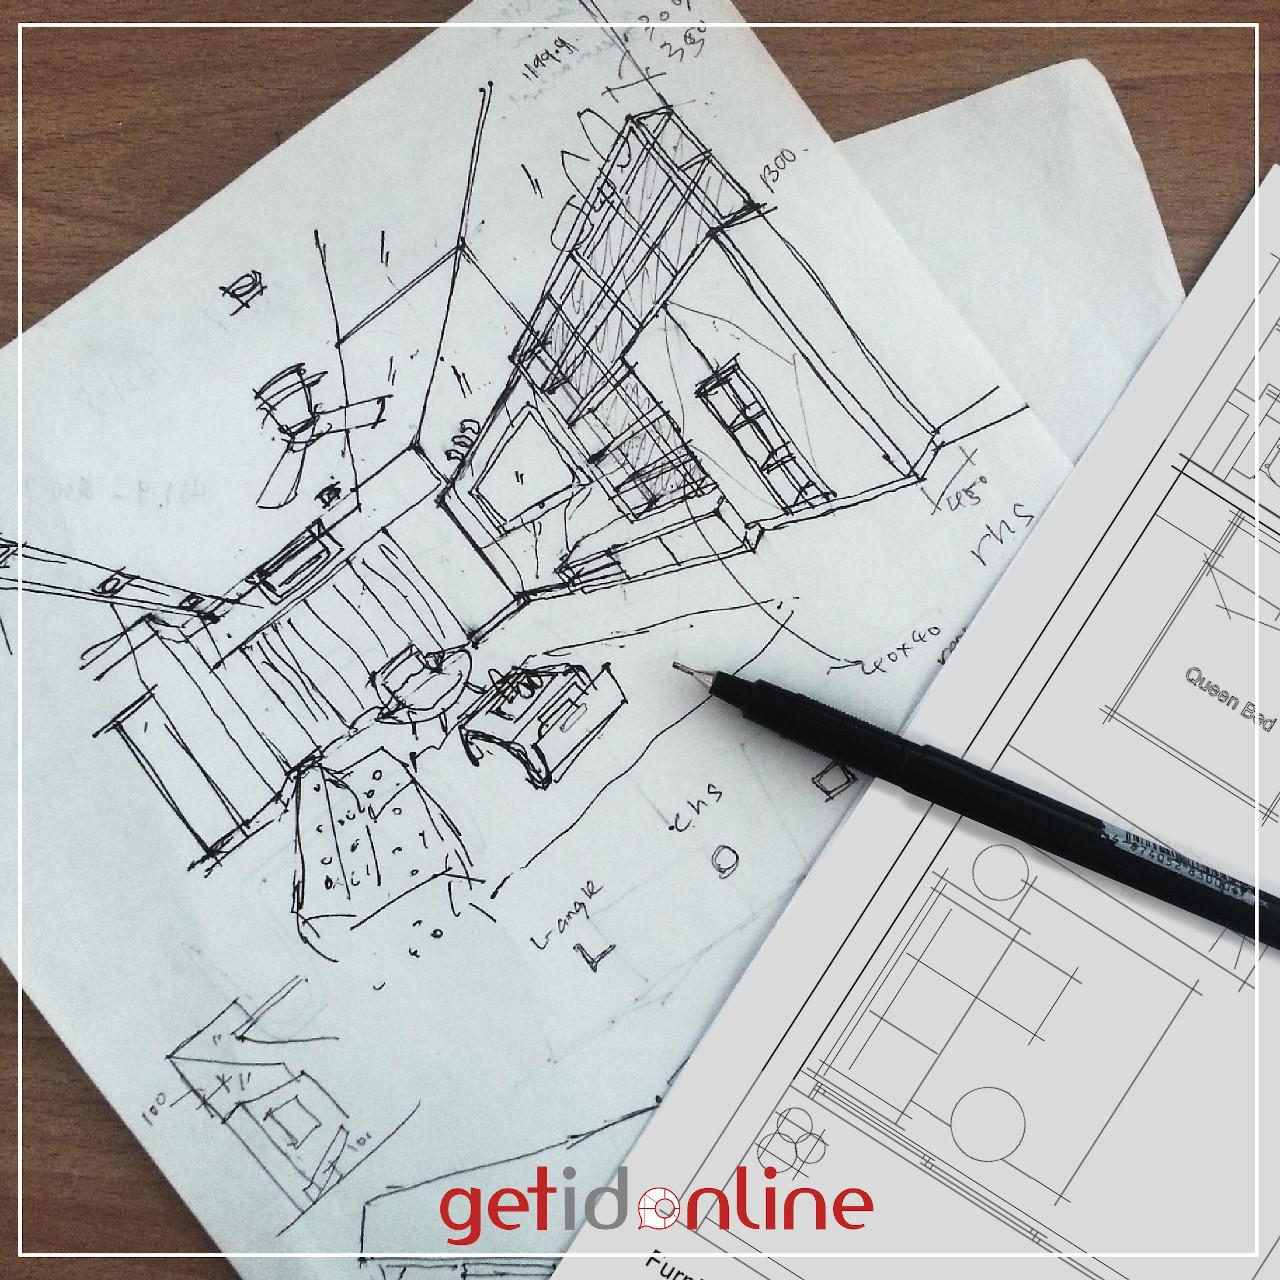 online interior design consultation malaysia